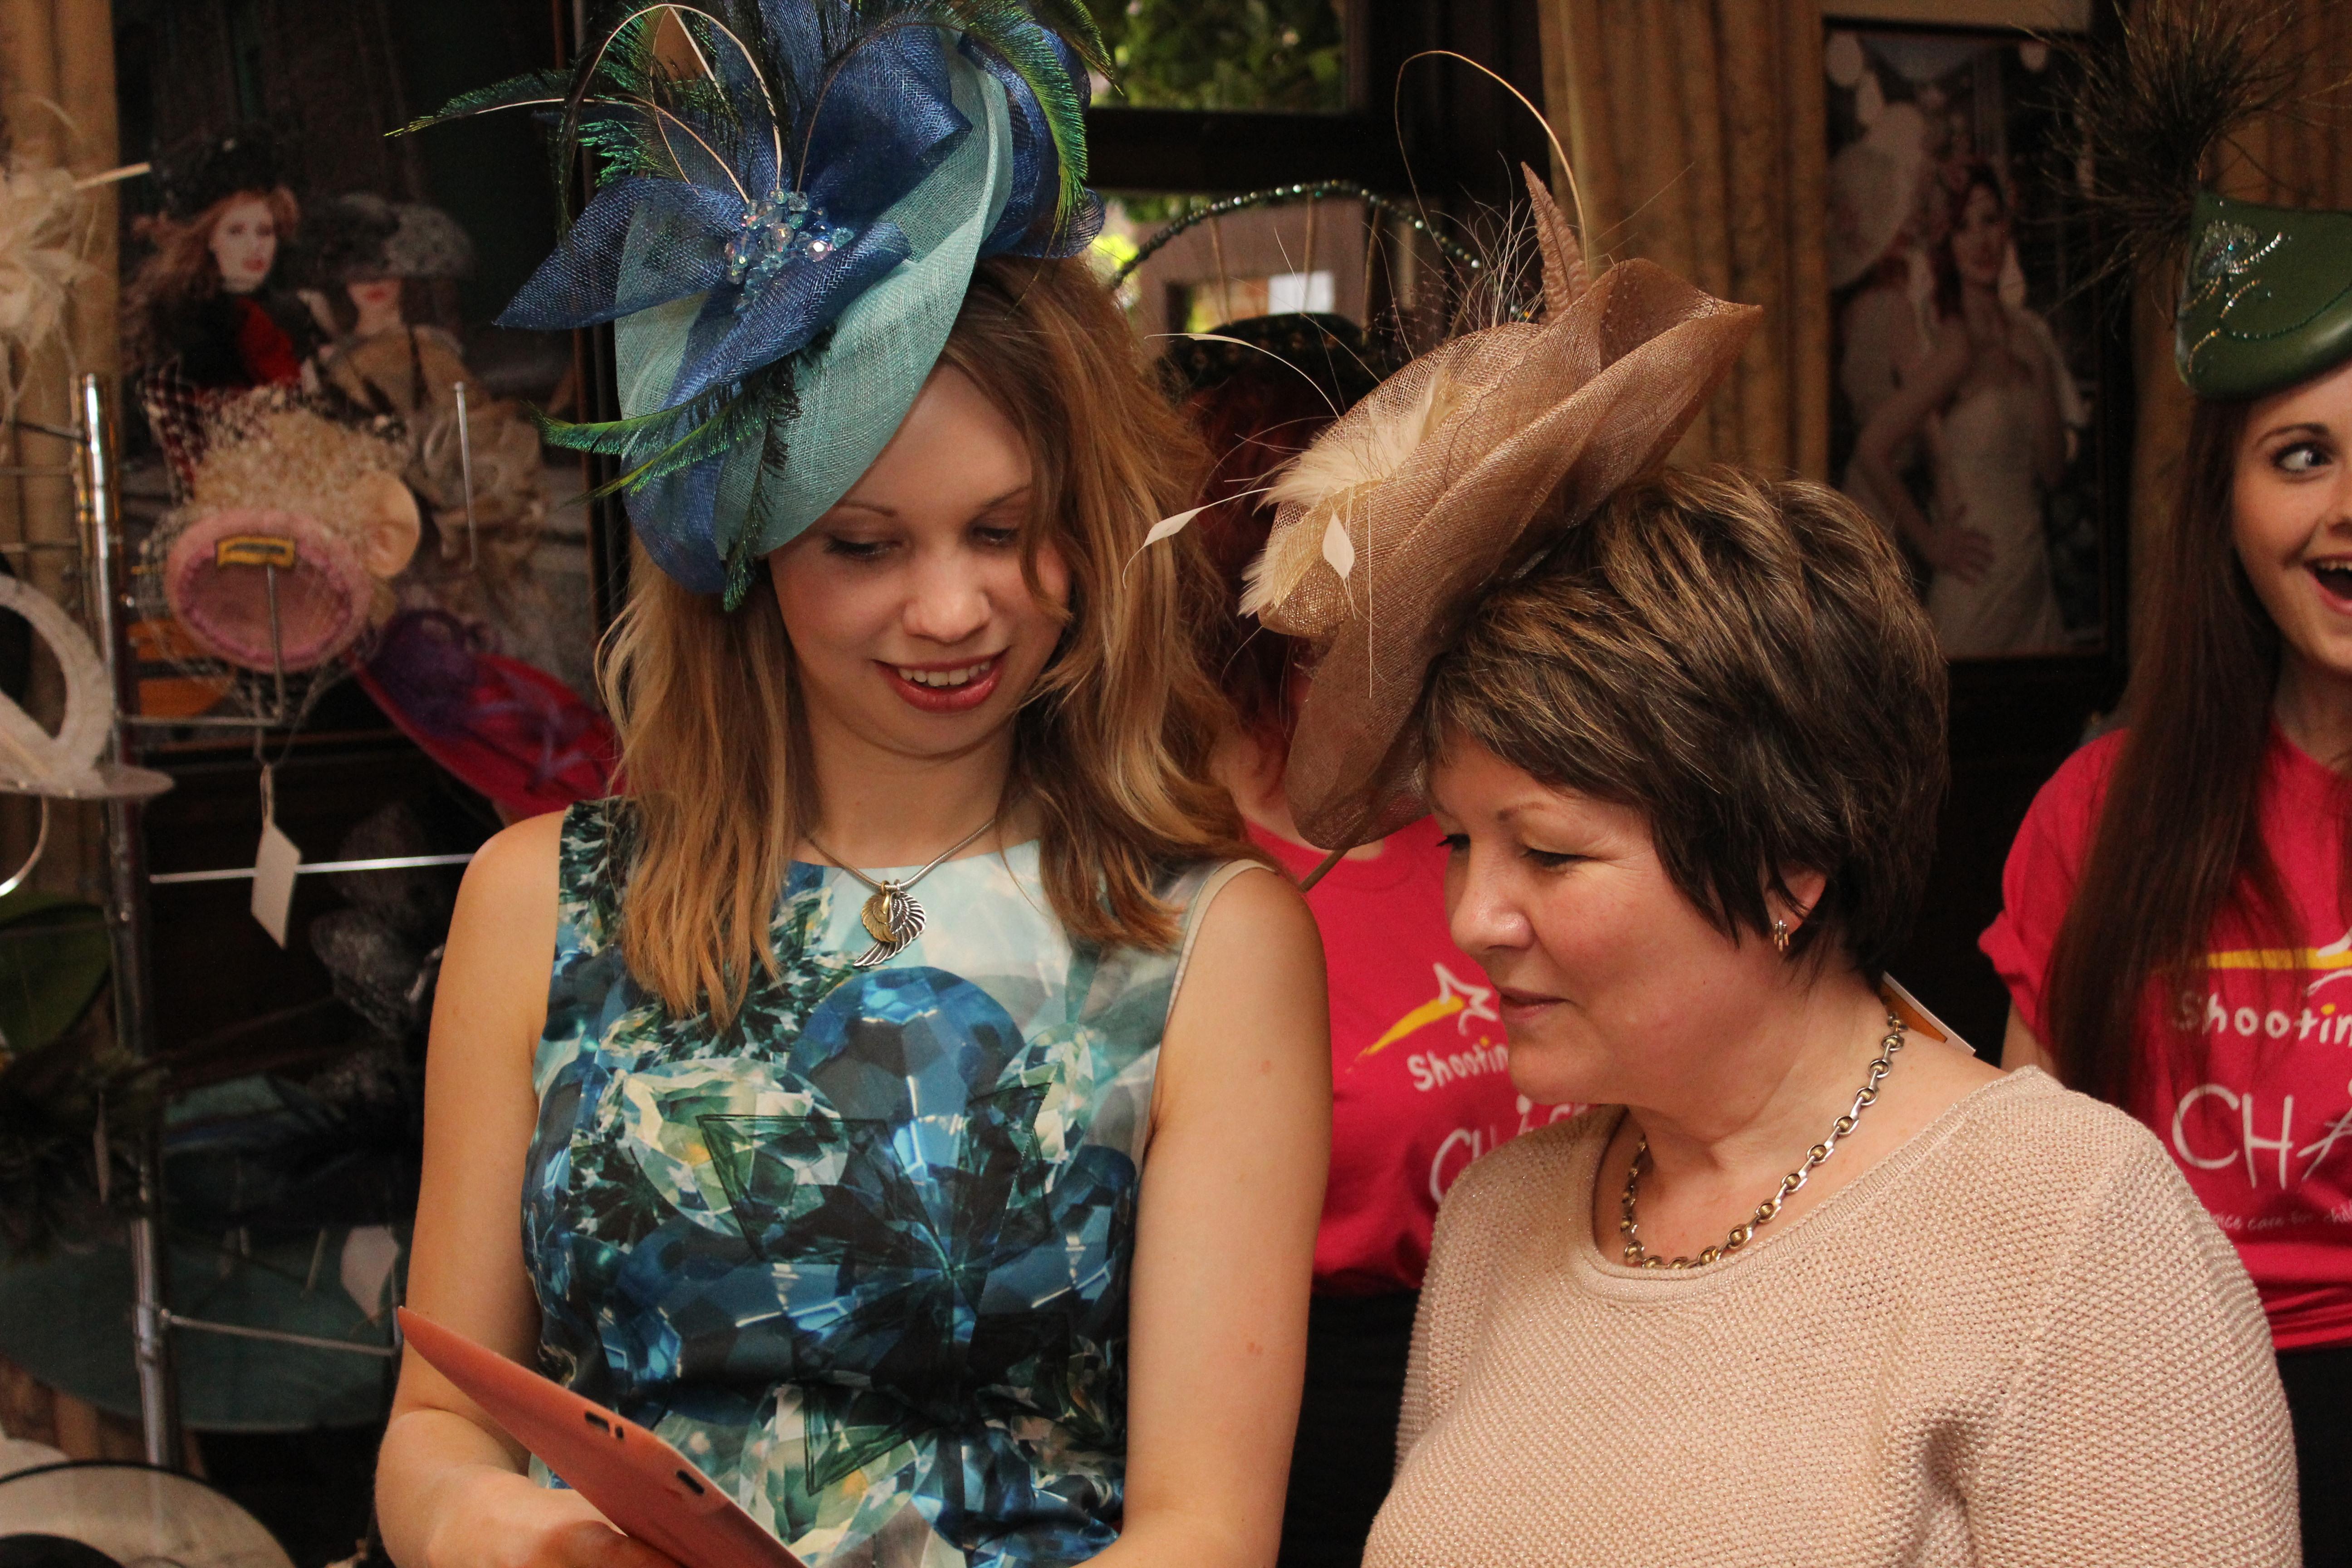 Women in hats - Beverley Edmondson Bespoke hats